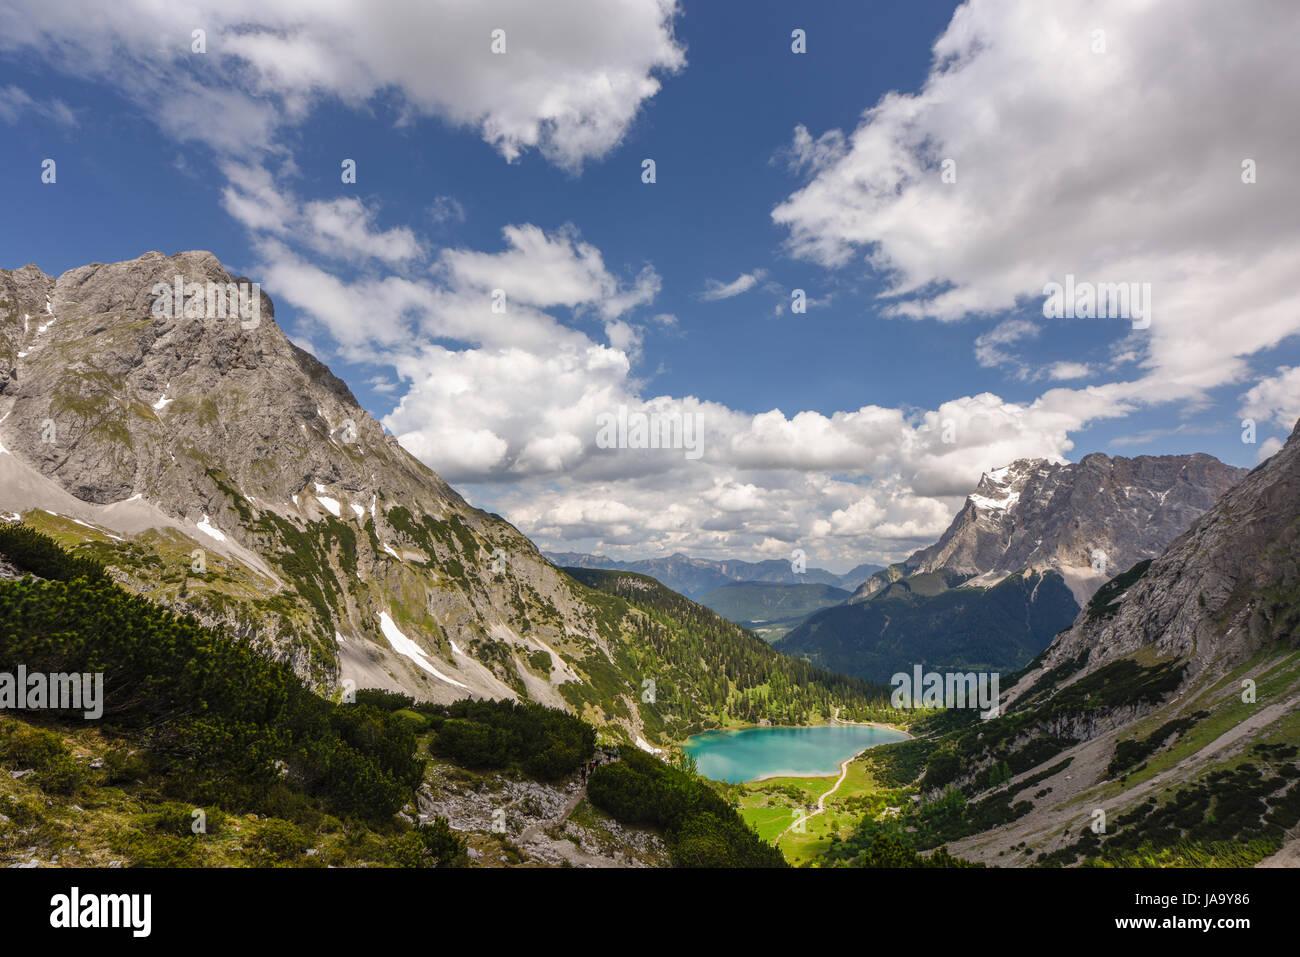 seebensee lake ehrwald tyrol austria stockfotos seebensee lake ehrwald tyrol austria bilder. Black Bedroom Furniture Sets. Home Design Ideas